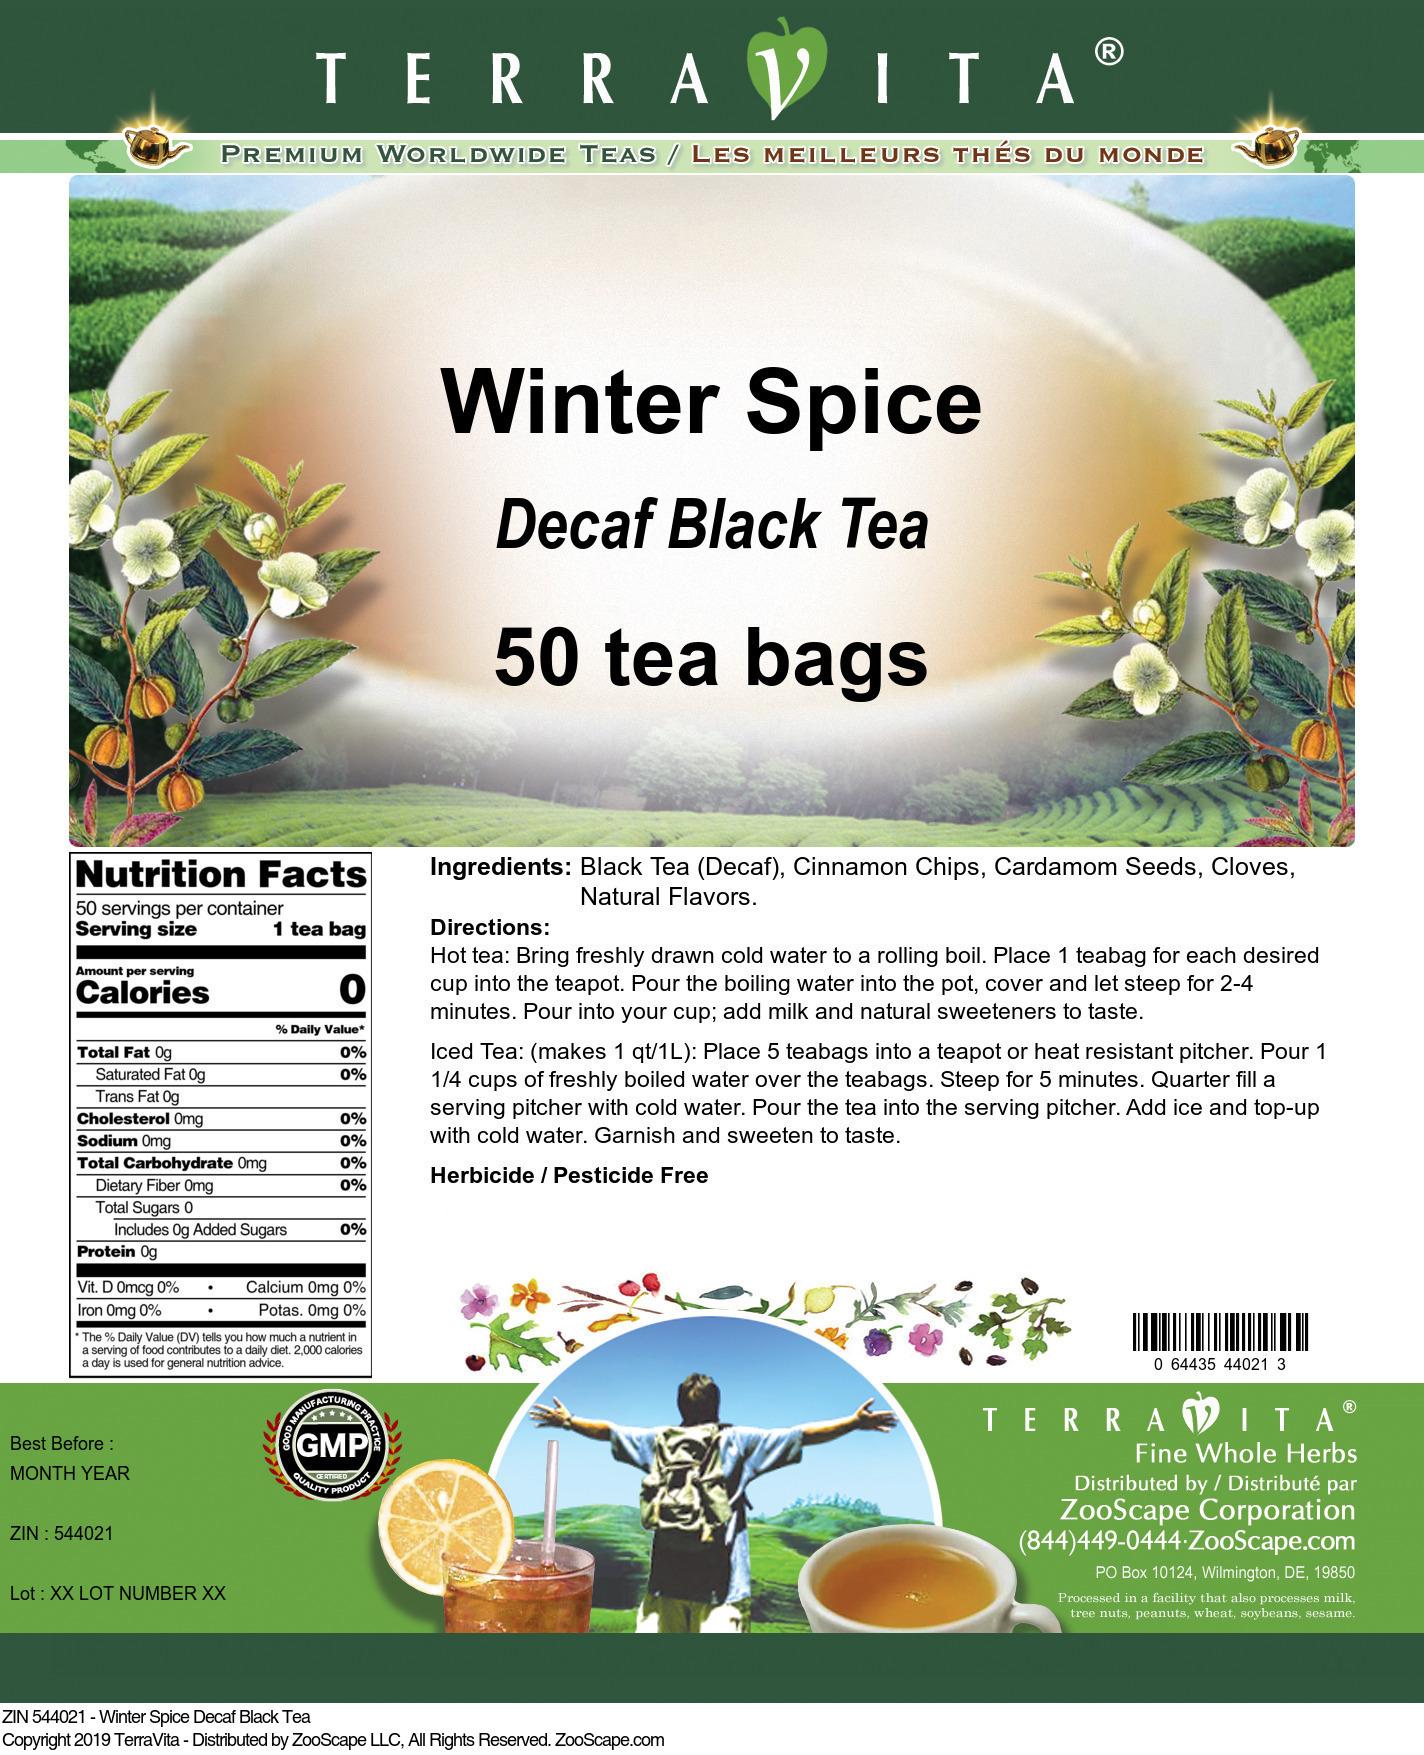 Winter Spice Decaf Black Tea